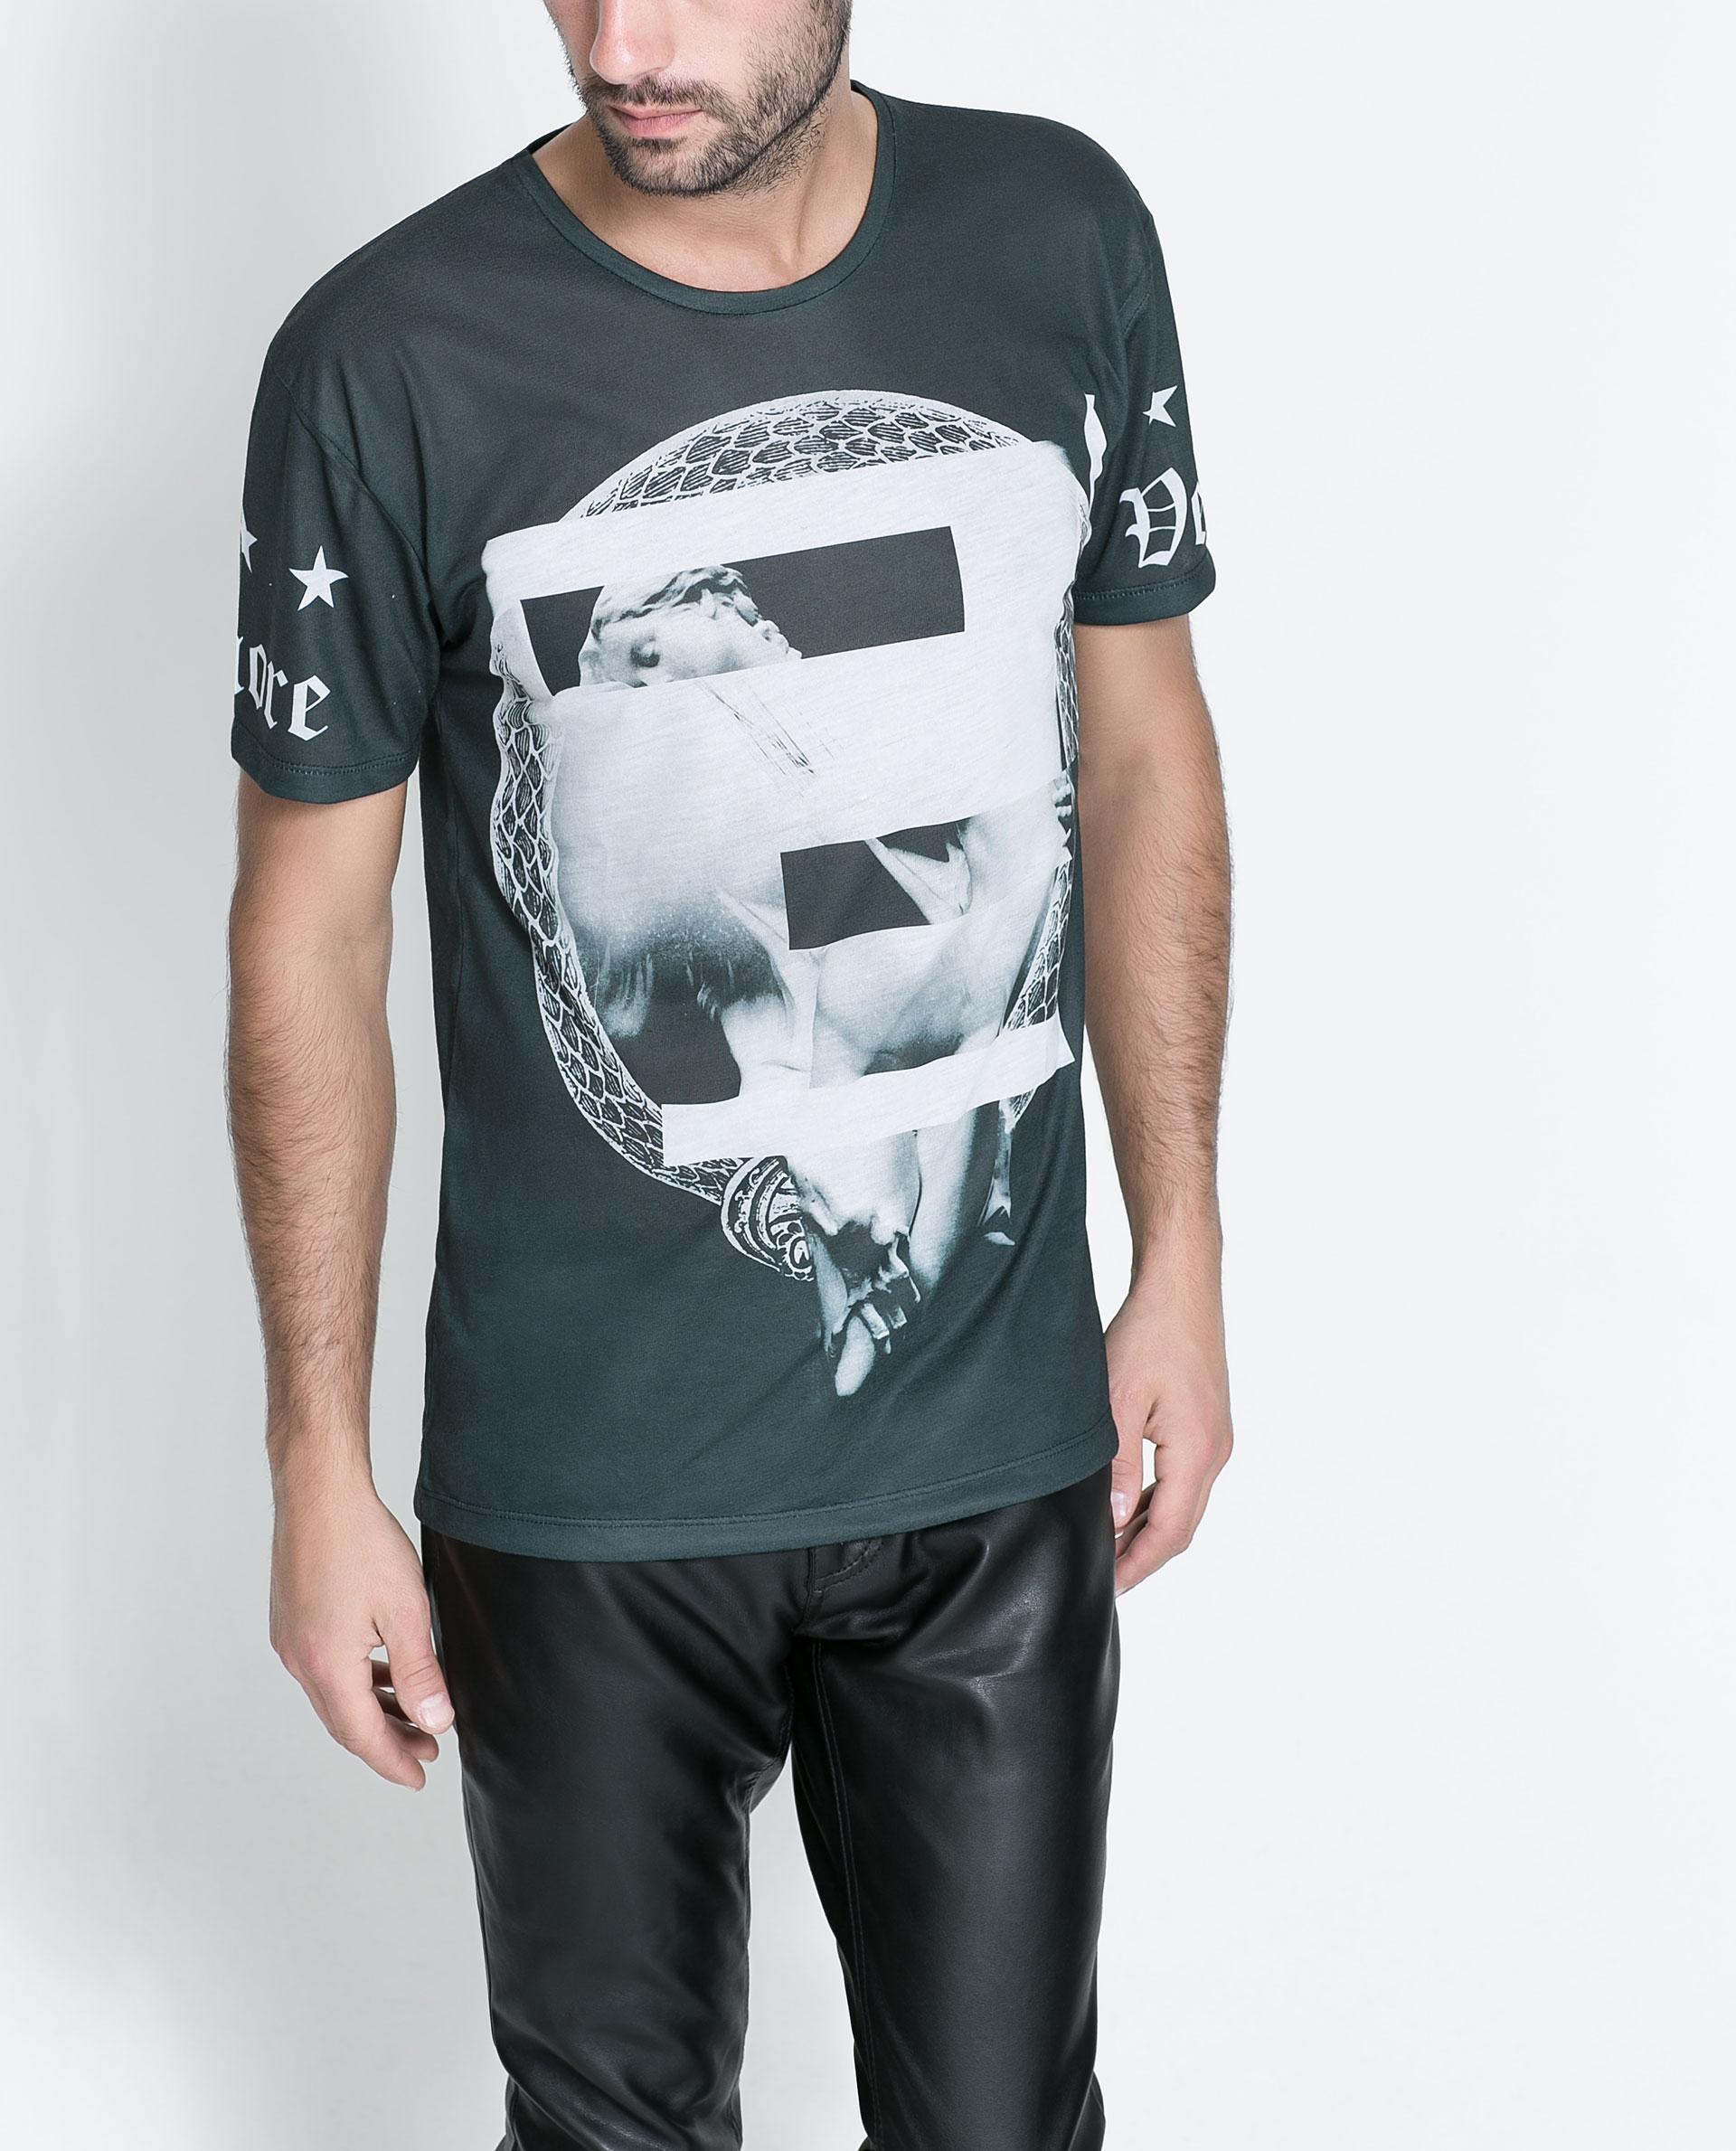 Marc Jacobs T Shirt Men